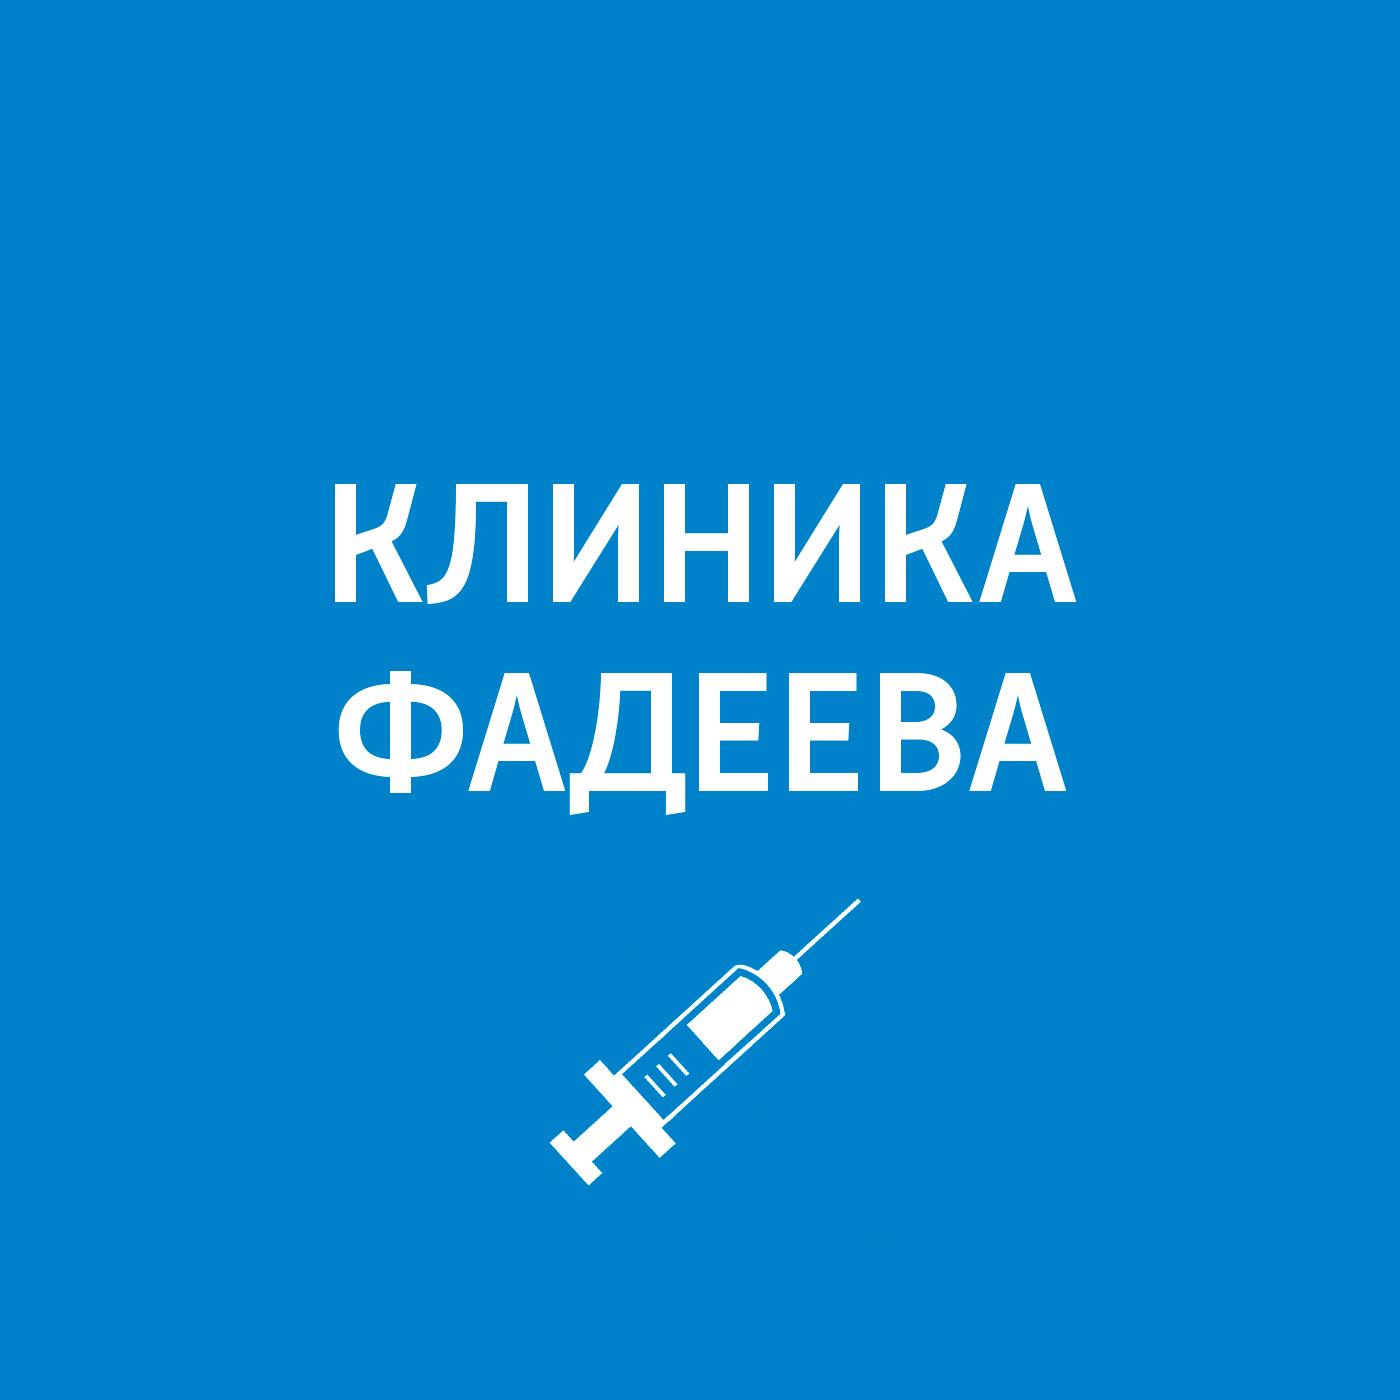 Пётр Фадеев Приём ведёт врач-отохирург. Как сберечь зимой и ухо, и горло, и нос пётр фадеев приём ведёт врач невролог деменция